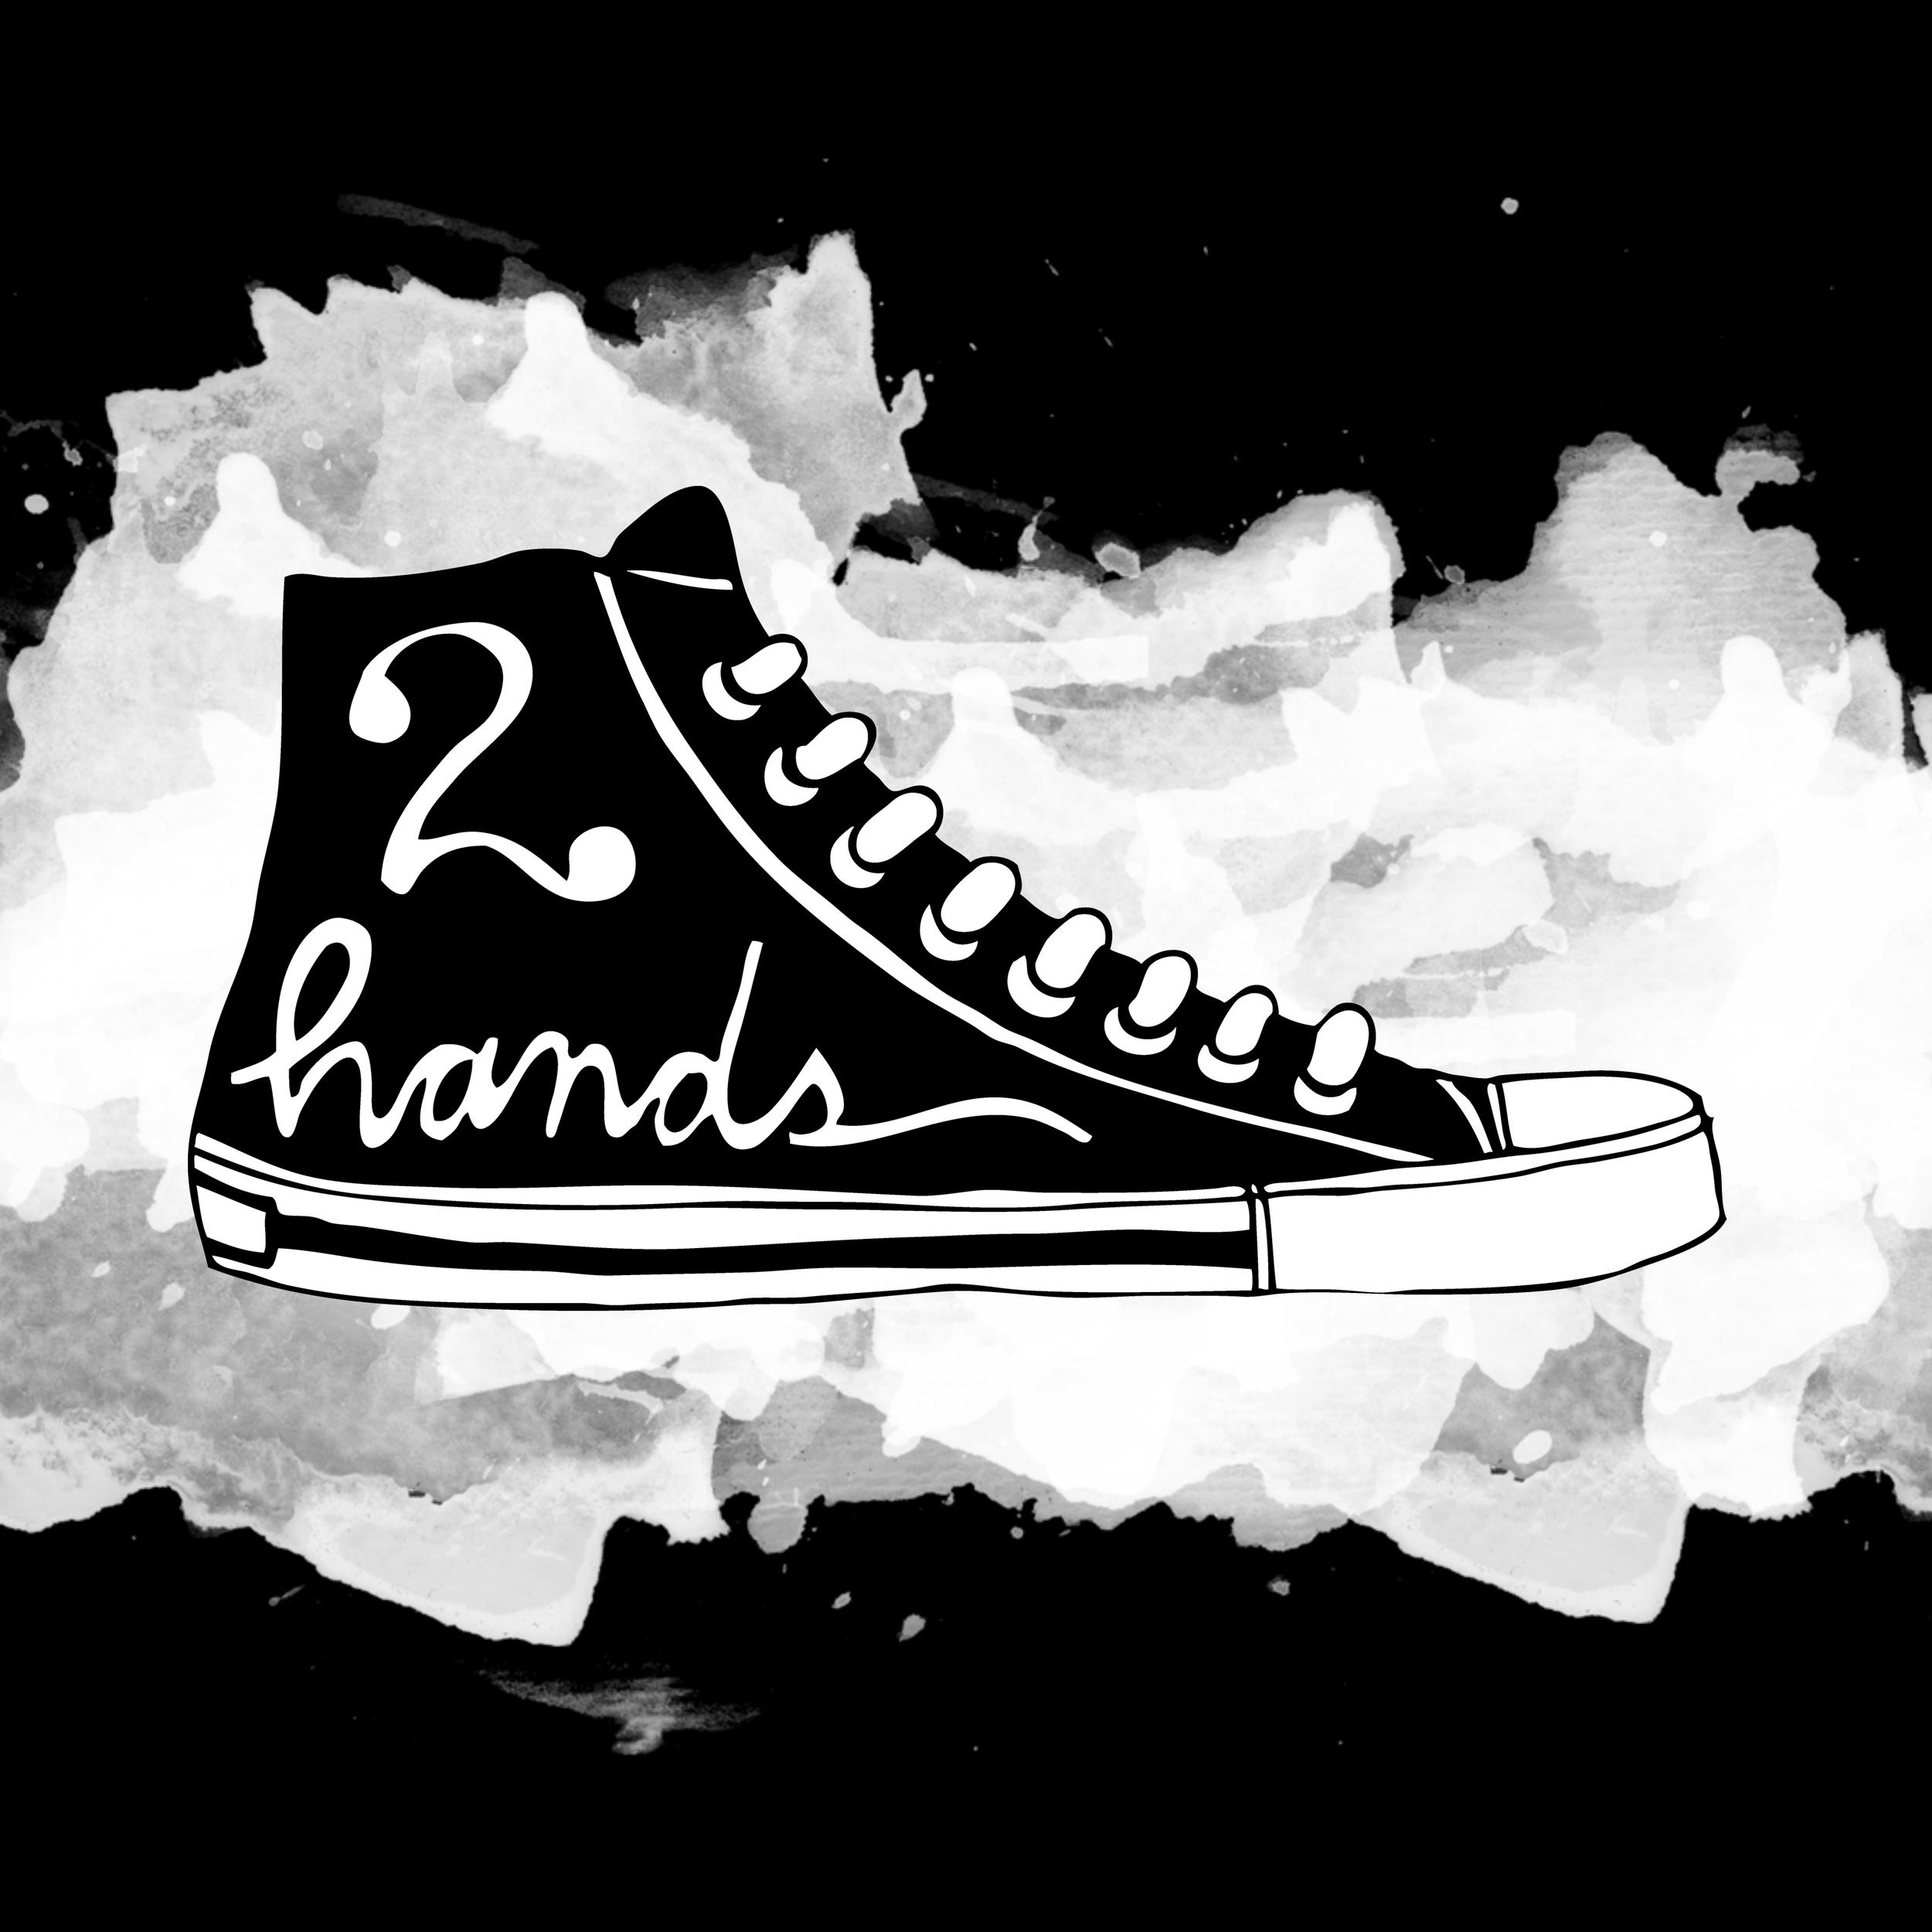 shoe black.jpg